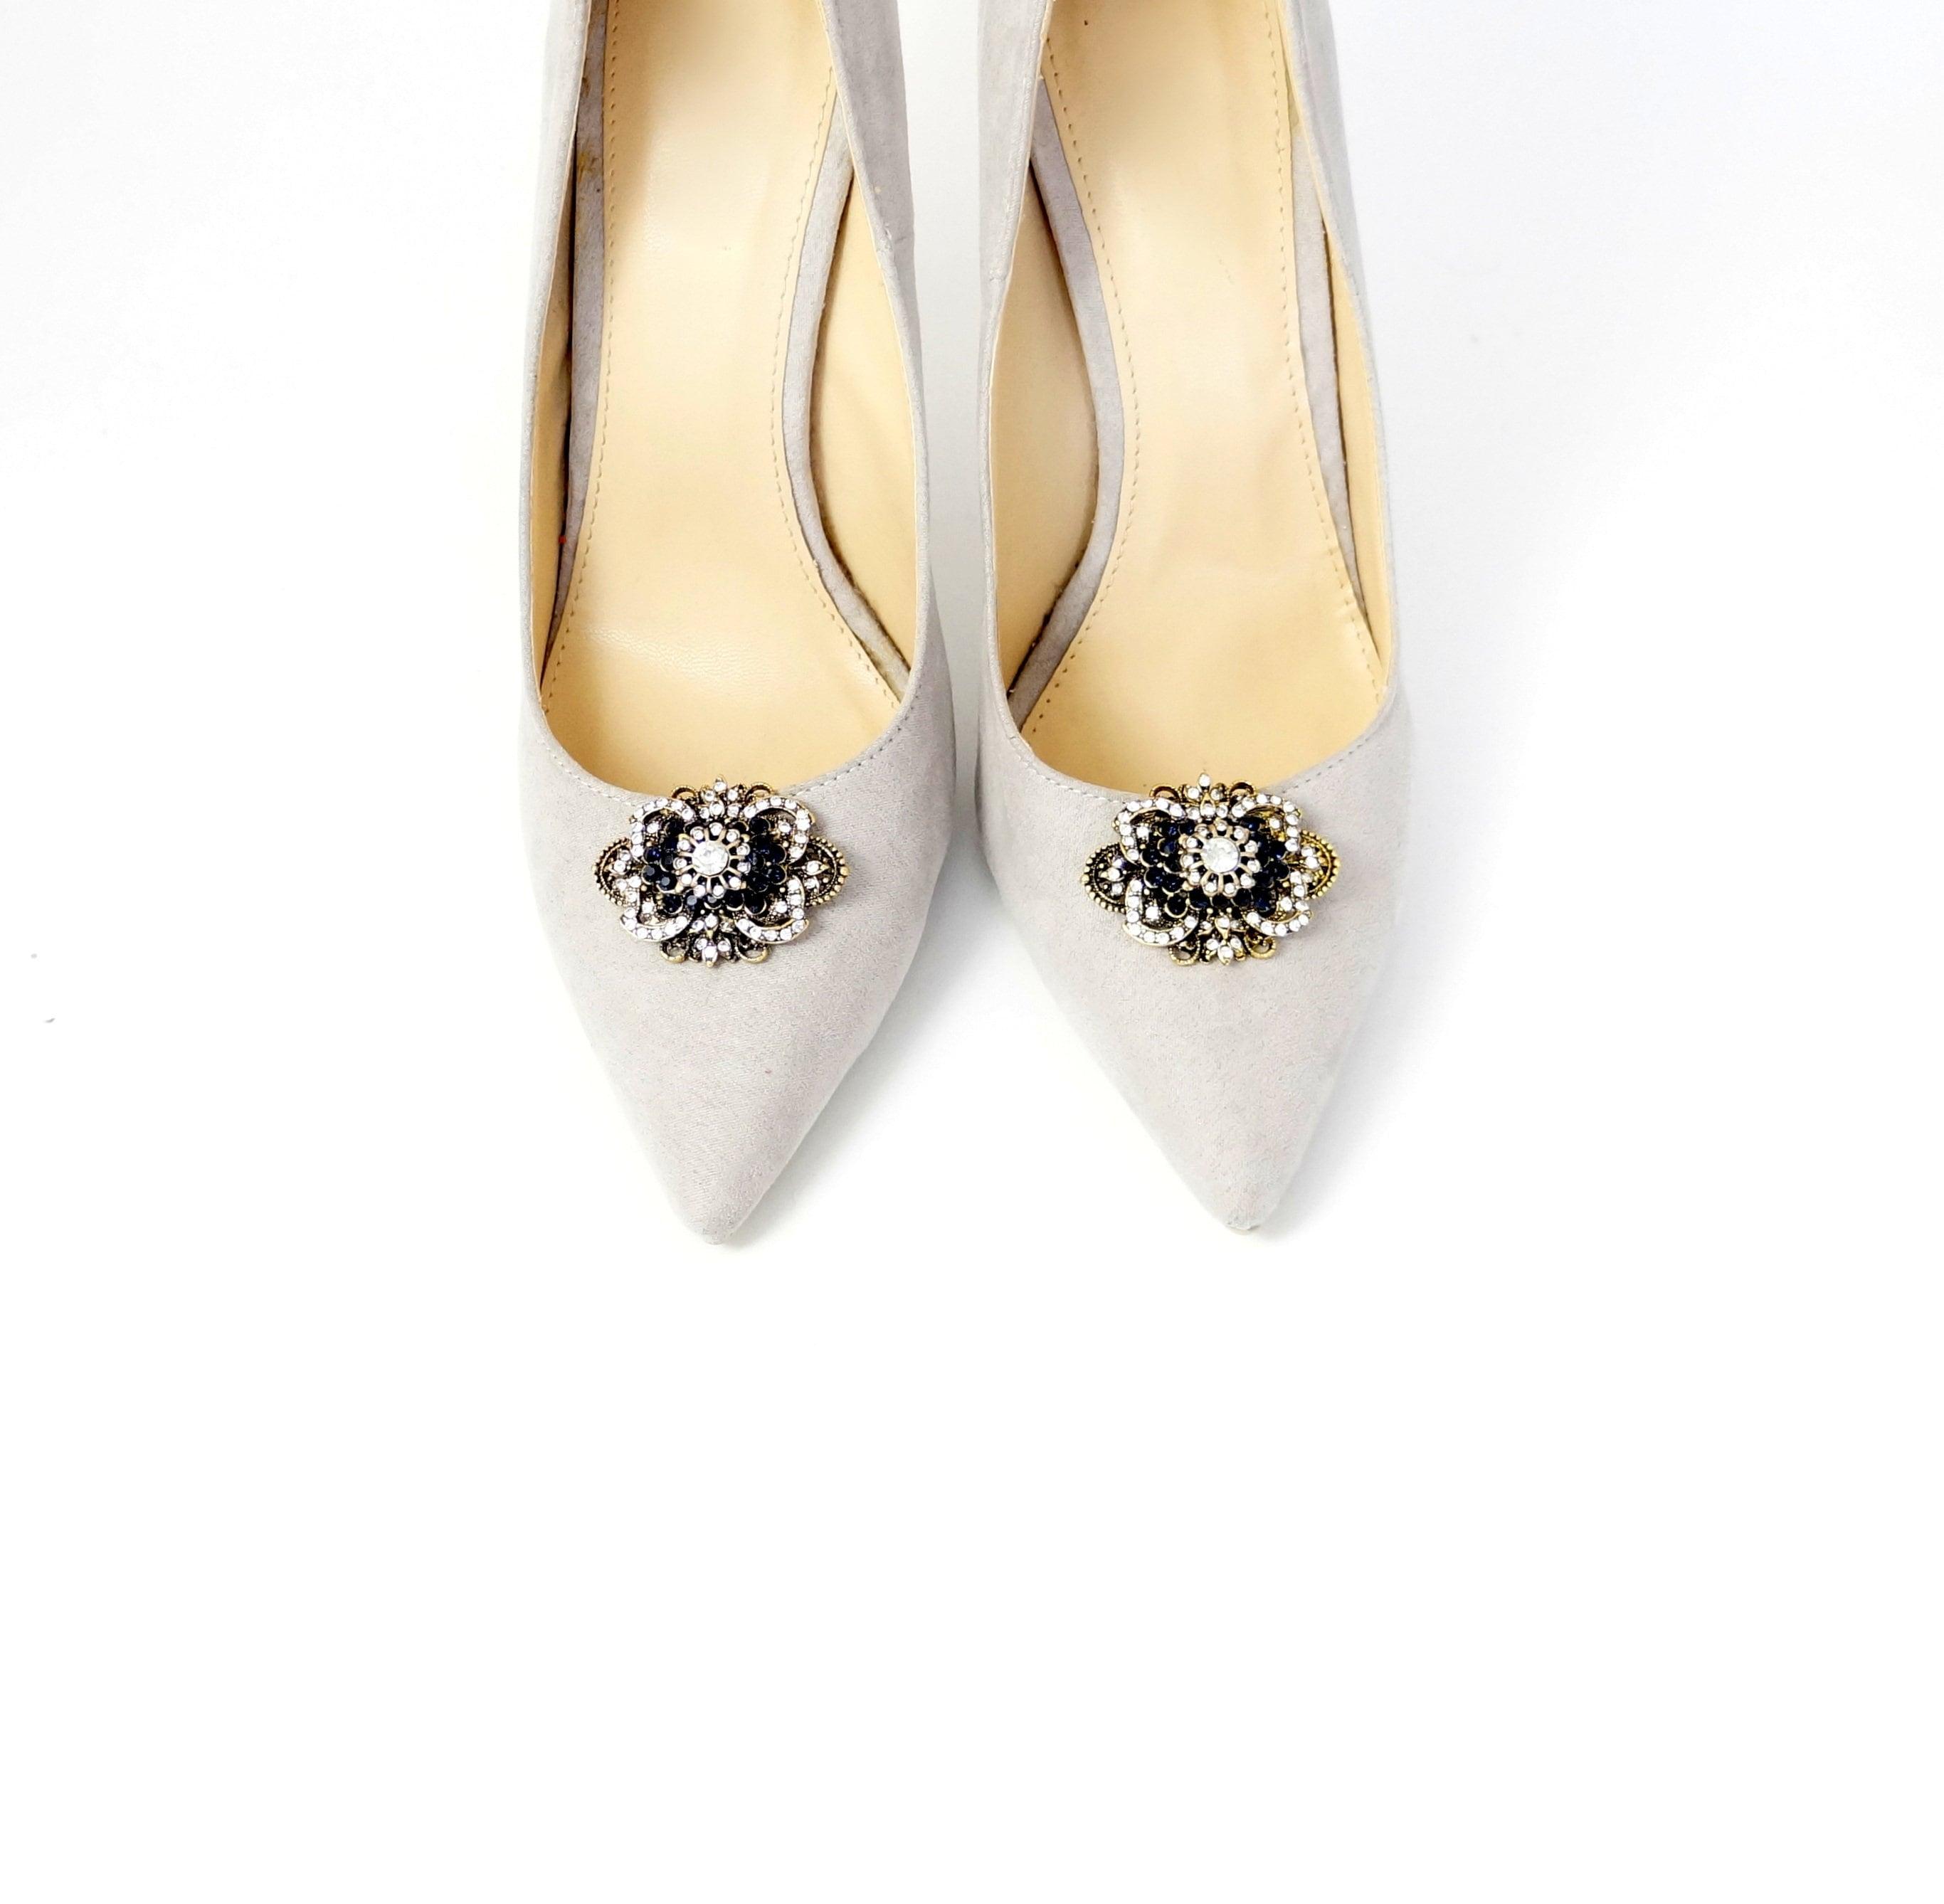 589d9f9736590 Antique gold shoe clips with zircons - Shoe clips Manuu, Shoe jewelry with  zircons